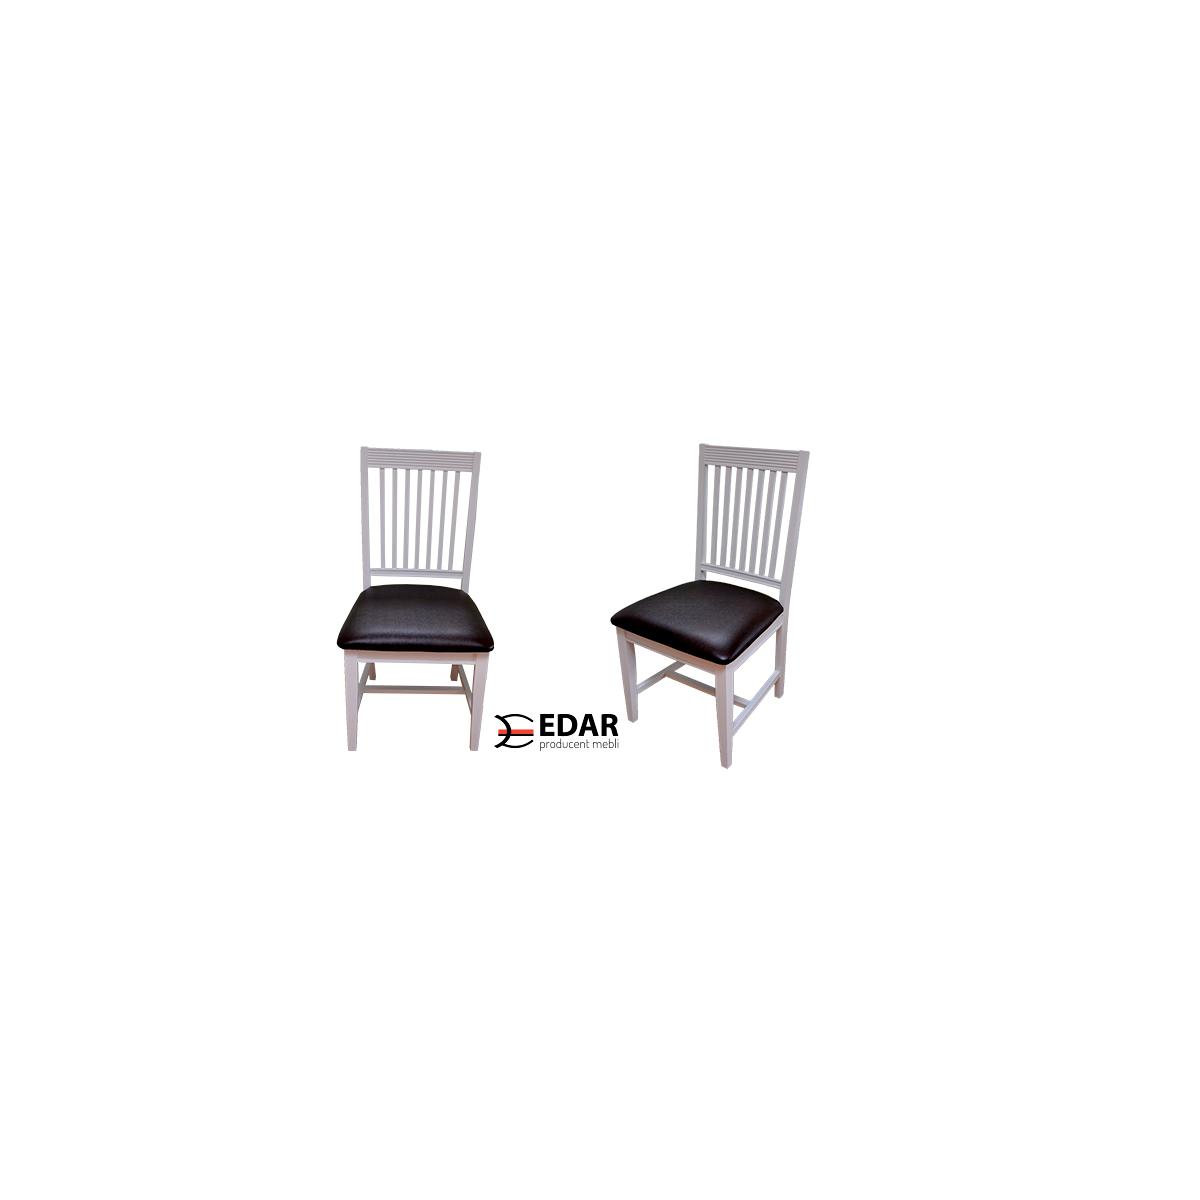 krzesła bukowe malowane na kolor biały